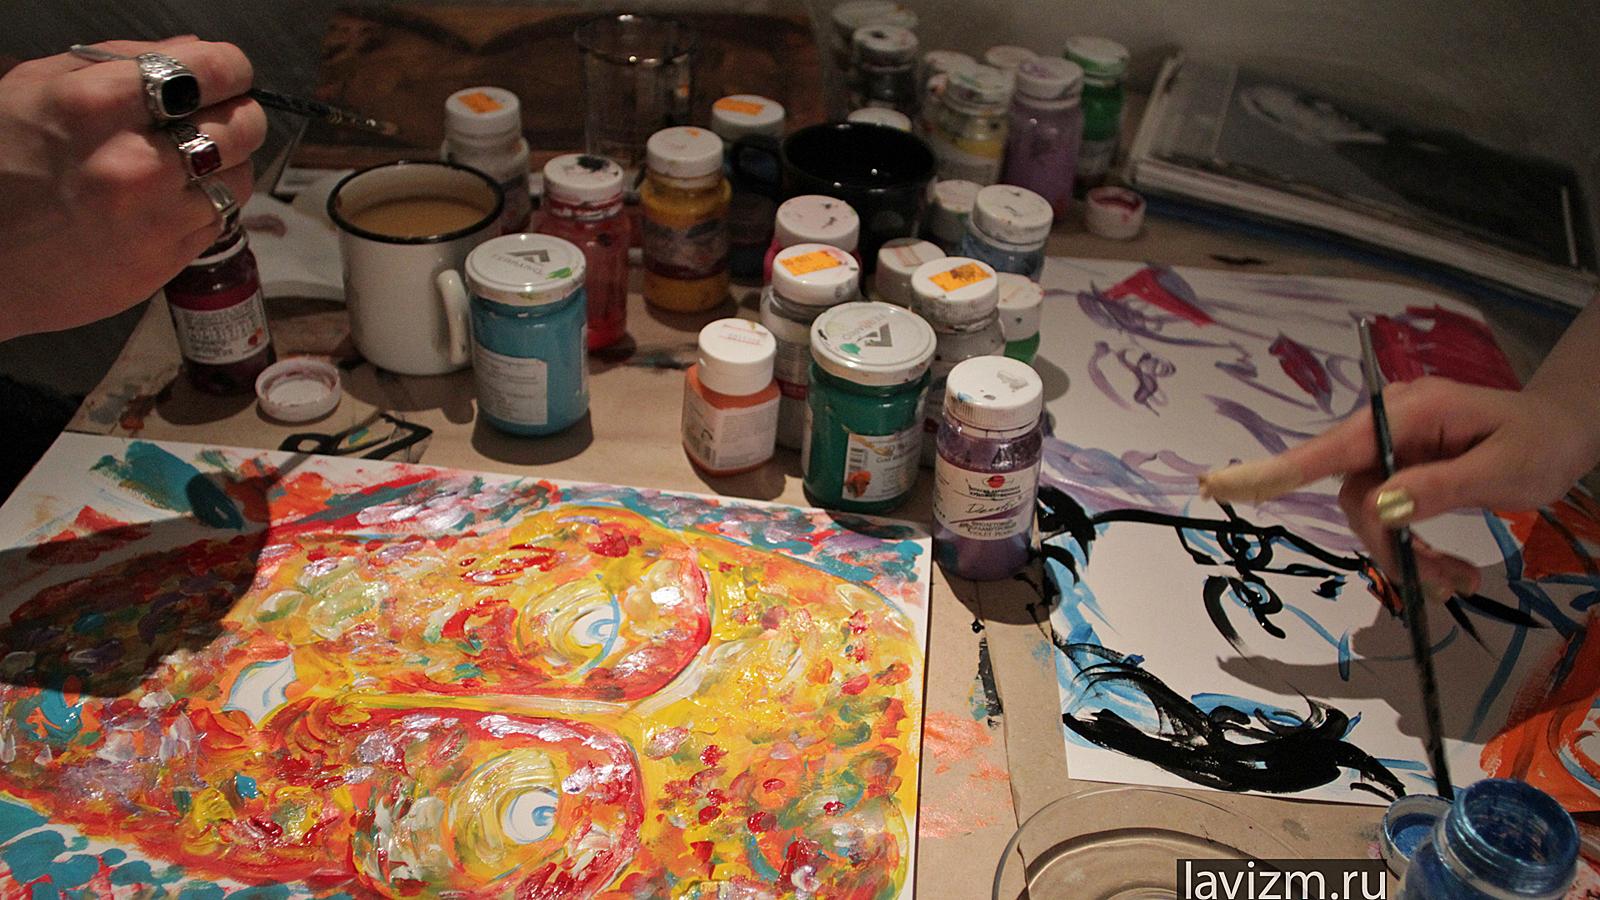 Счастье, неординарность, изобретательность, мудрость, фантастическое, читать, ежедневный, труд, изнуряющий, бессмертное, рассуждения, истина, тайна, поиск, портрет, акрил, гуашь, бокалы, нарисовала, рисовать, выставки, выставка, люди, картина, современное искусство, живописец, art , арт, культура, слово, форма, мечта, искра, вдохновение, откровение , мастихин, масло, холст, художники, лависты, изобразительное искусство, история искусства, русское искусство, эстетика, простое, сложное, техника, тонкая линия, мифы, реальность, эмоции, характер, отношение, кисть, муза, творец, чувства, мысль, творит, душа, я, прекрасное, творение, яркие краски, впечатления, штрих, полотно, картинная галерея, художник рисует, мастерская художника, вечность, палитра чувств, прекрасное, красота, образ, пространство, неизвестные художники, молодой гений, рождение, писать, написать, движение, мышление, индивидуальность, яркая, необыкновенные, люди, создавать, свободные художники, произведение, объединяются, общие взгляды, традиции, сюжет, взгляды, схожесть, неизвестные художники, известный, знаменитый, талант, новое искусство, сейчас, форма, жизнь, основные ценности, молодой, гений, вечность, молодежь, работа, творцы, создание, произведения, профессионализм, богема, оригинальное, необыкновенное, создание, процесс, мнение, независим, Москва, Россия, материал, техника, изобразительное искусство, история искусства, городской пейзаж, абстракция, сказка, любовь, утро, судьба, философия, галерея, друзья, фотография, блог, сайт, официальный сайт, сайт, мистика, необыкновенное, абстрактный, абстракционизм, аналитическое искусство, Импрессионизм, караваджизм, маньеризм, неопластицизм, ориентализм, примитивизм, реализм, риджионализм, романтизм, сюрреализм, фовизм, футуризм, наука, техника живописи, направление живописи, система, инструменты, отрасль, зрительные образы, андеграунд, арт нуво, иррационализм, впечатление, приводящий в движение, зритель, созидает, направление искусства, пастозность, релье